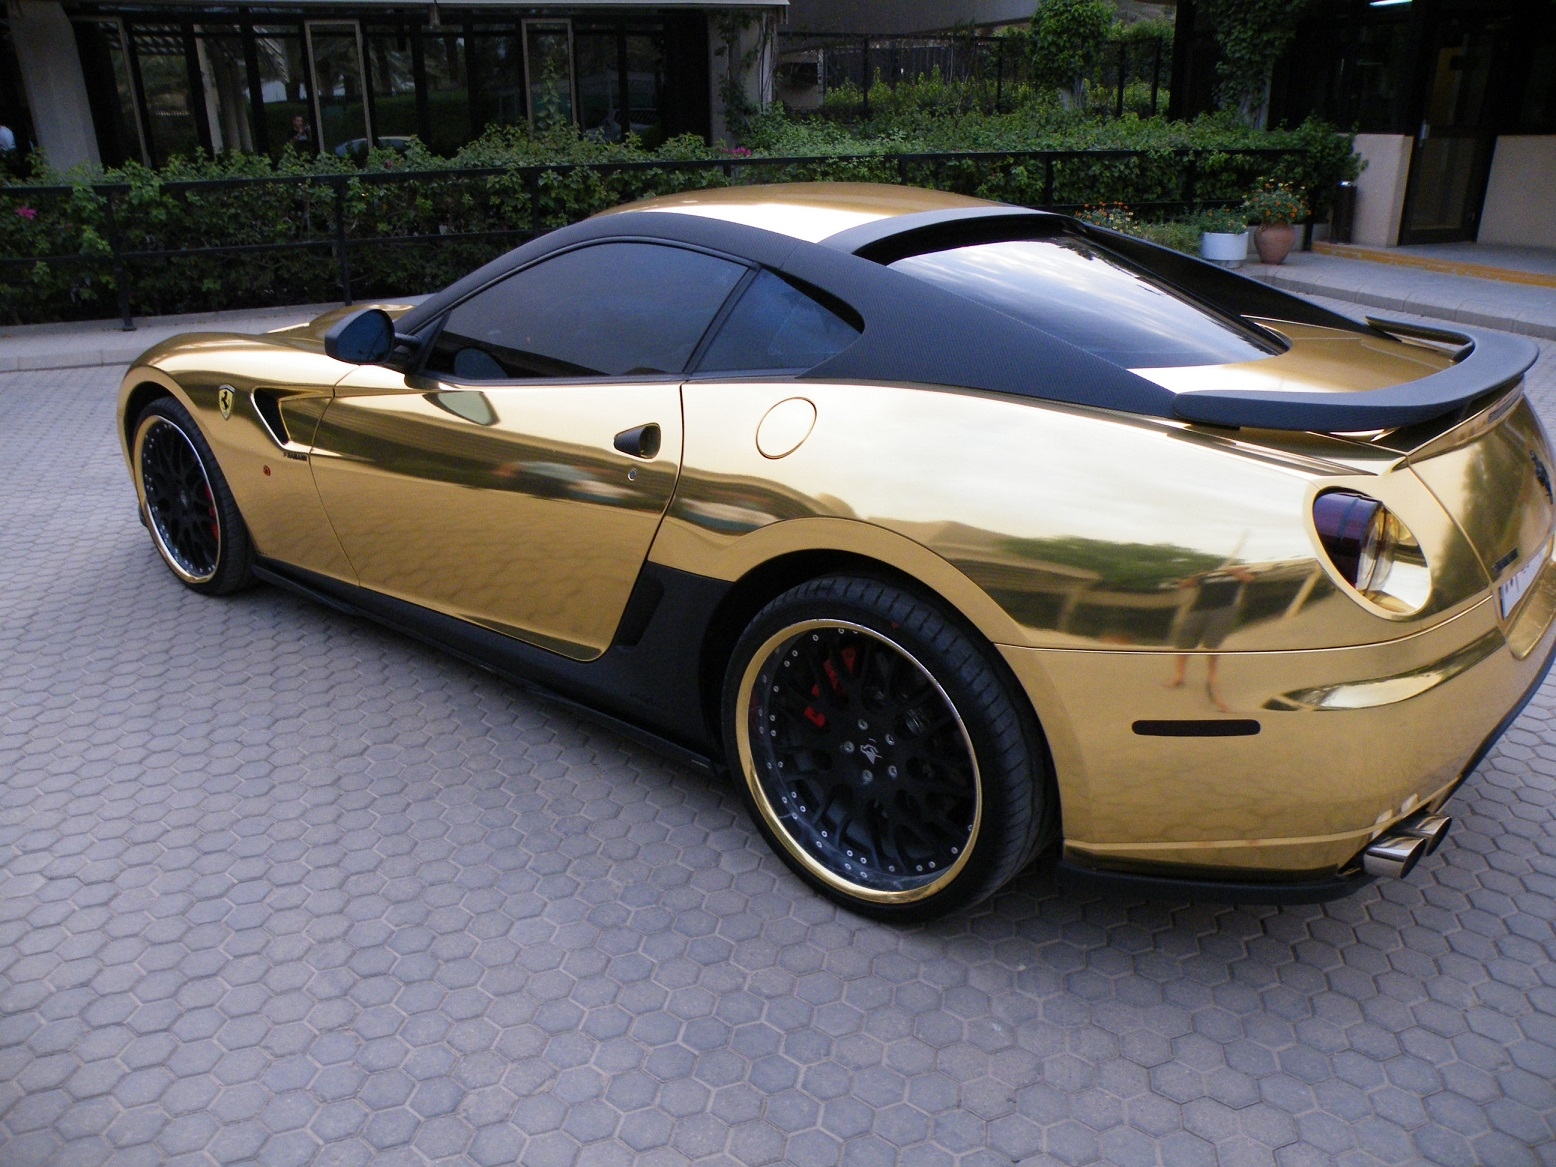 Ferrari dourada, que não é do filho do Lula, estacionada numa das ruas de Riade, na Arábia Saudita. Foto CrowdSpark